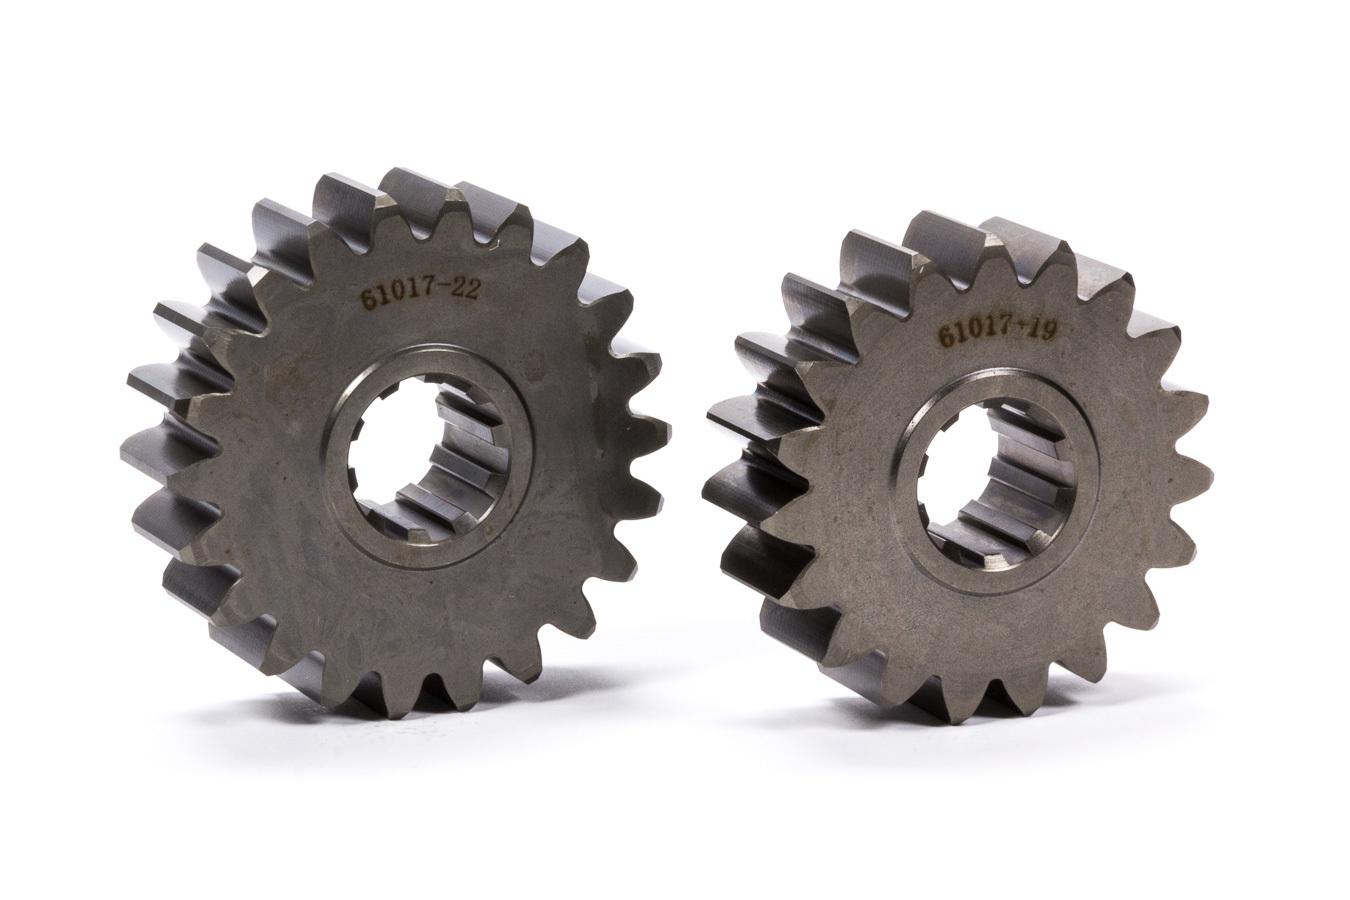 Standard Quick Change Gears